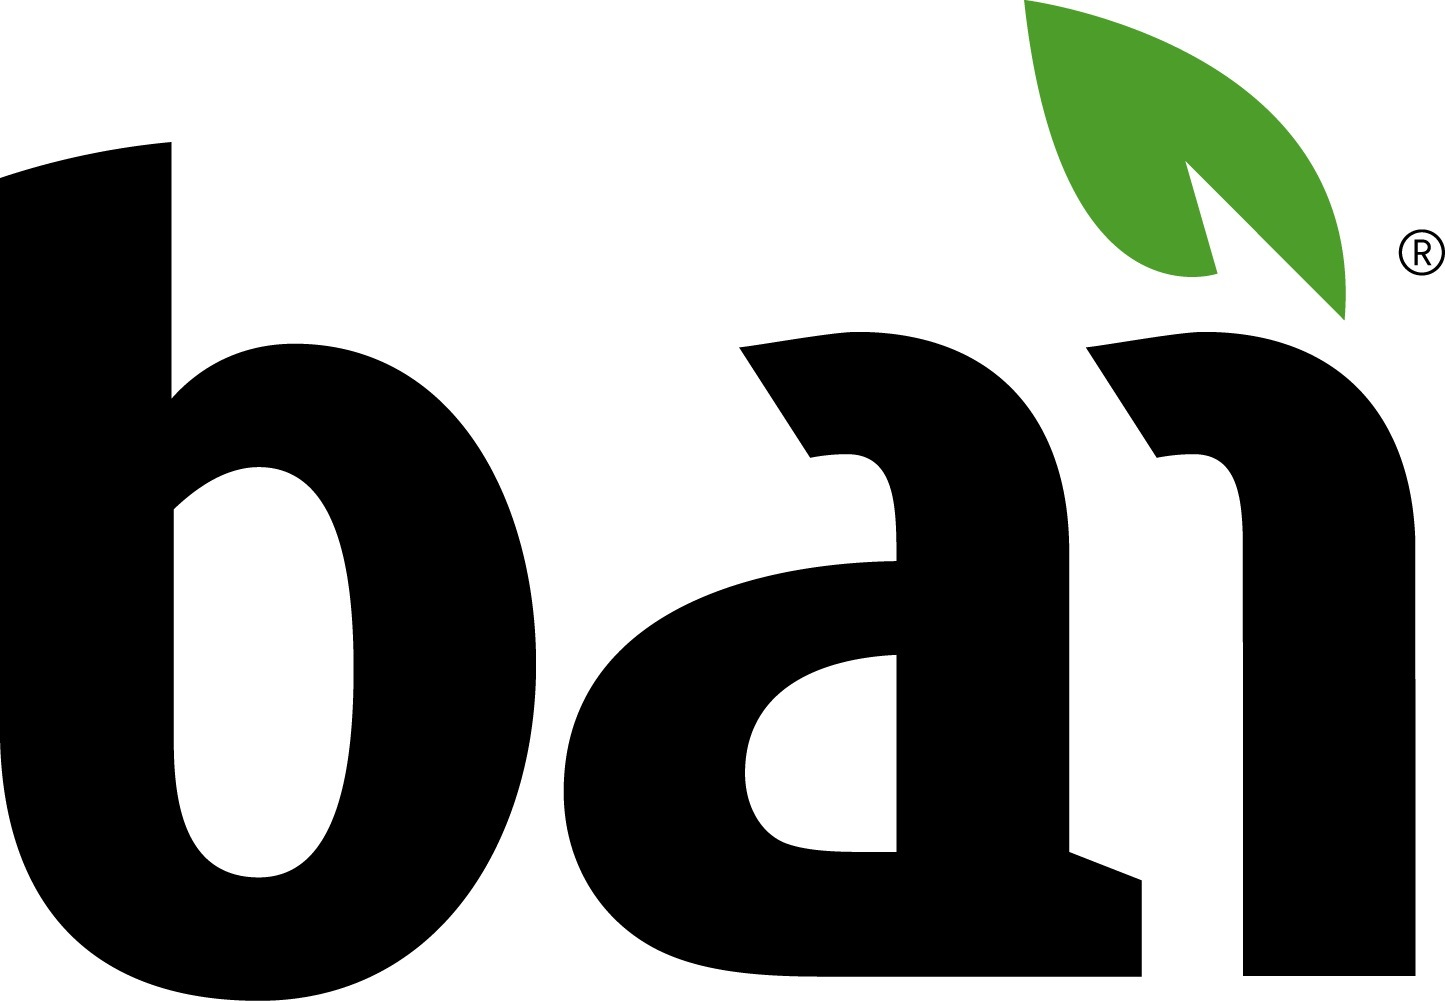 Bai Brands